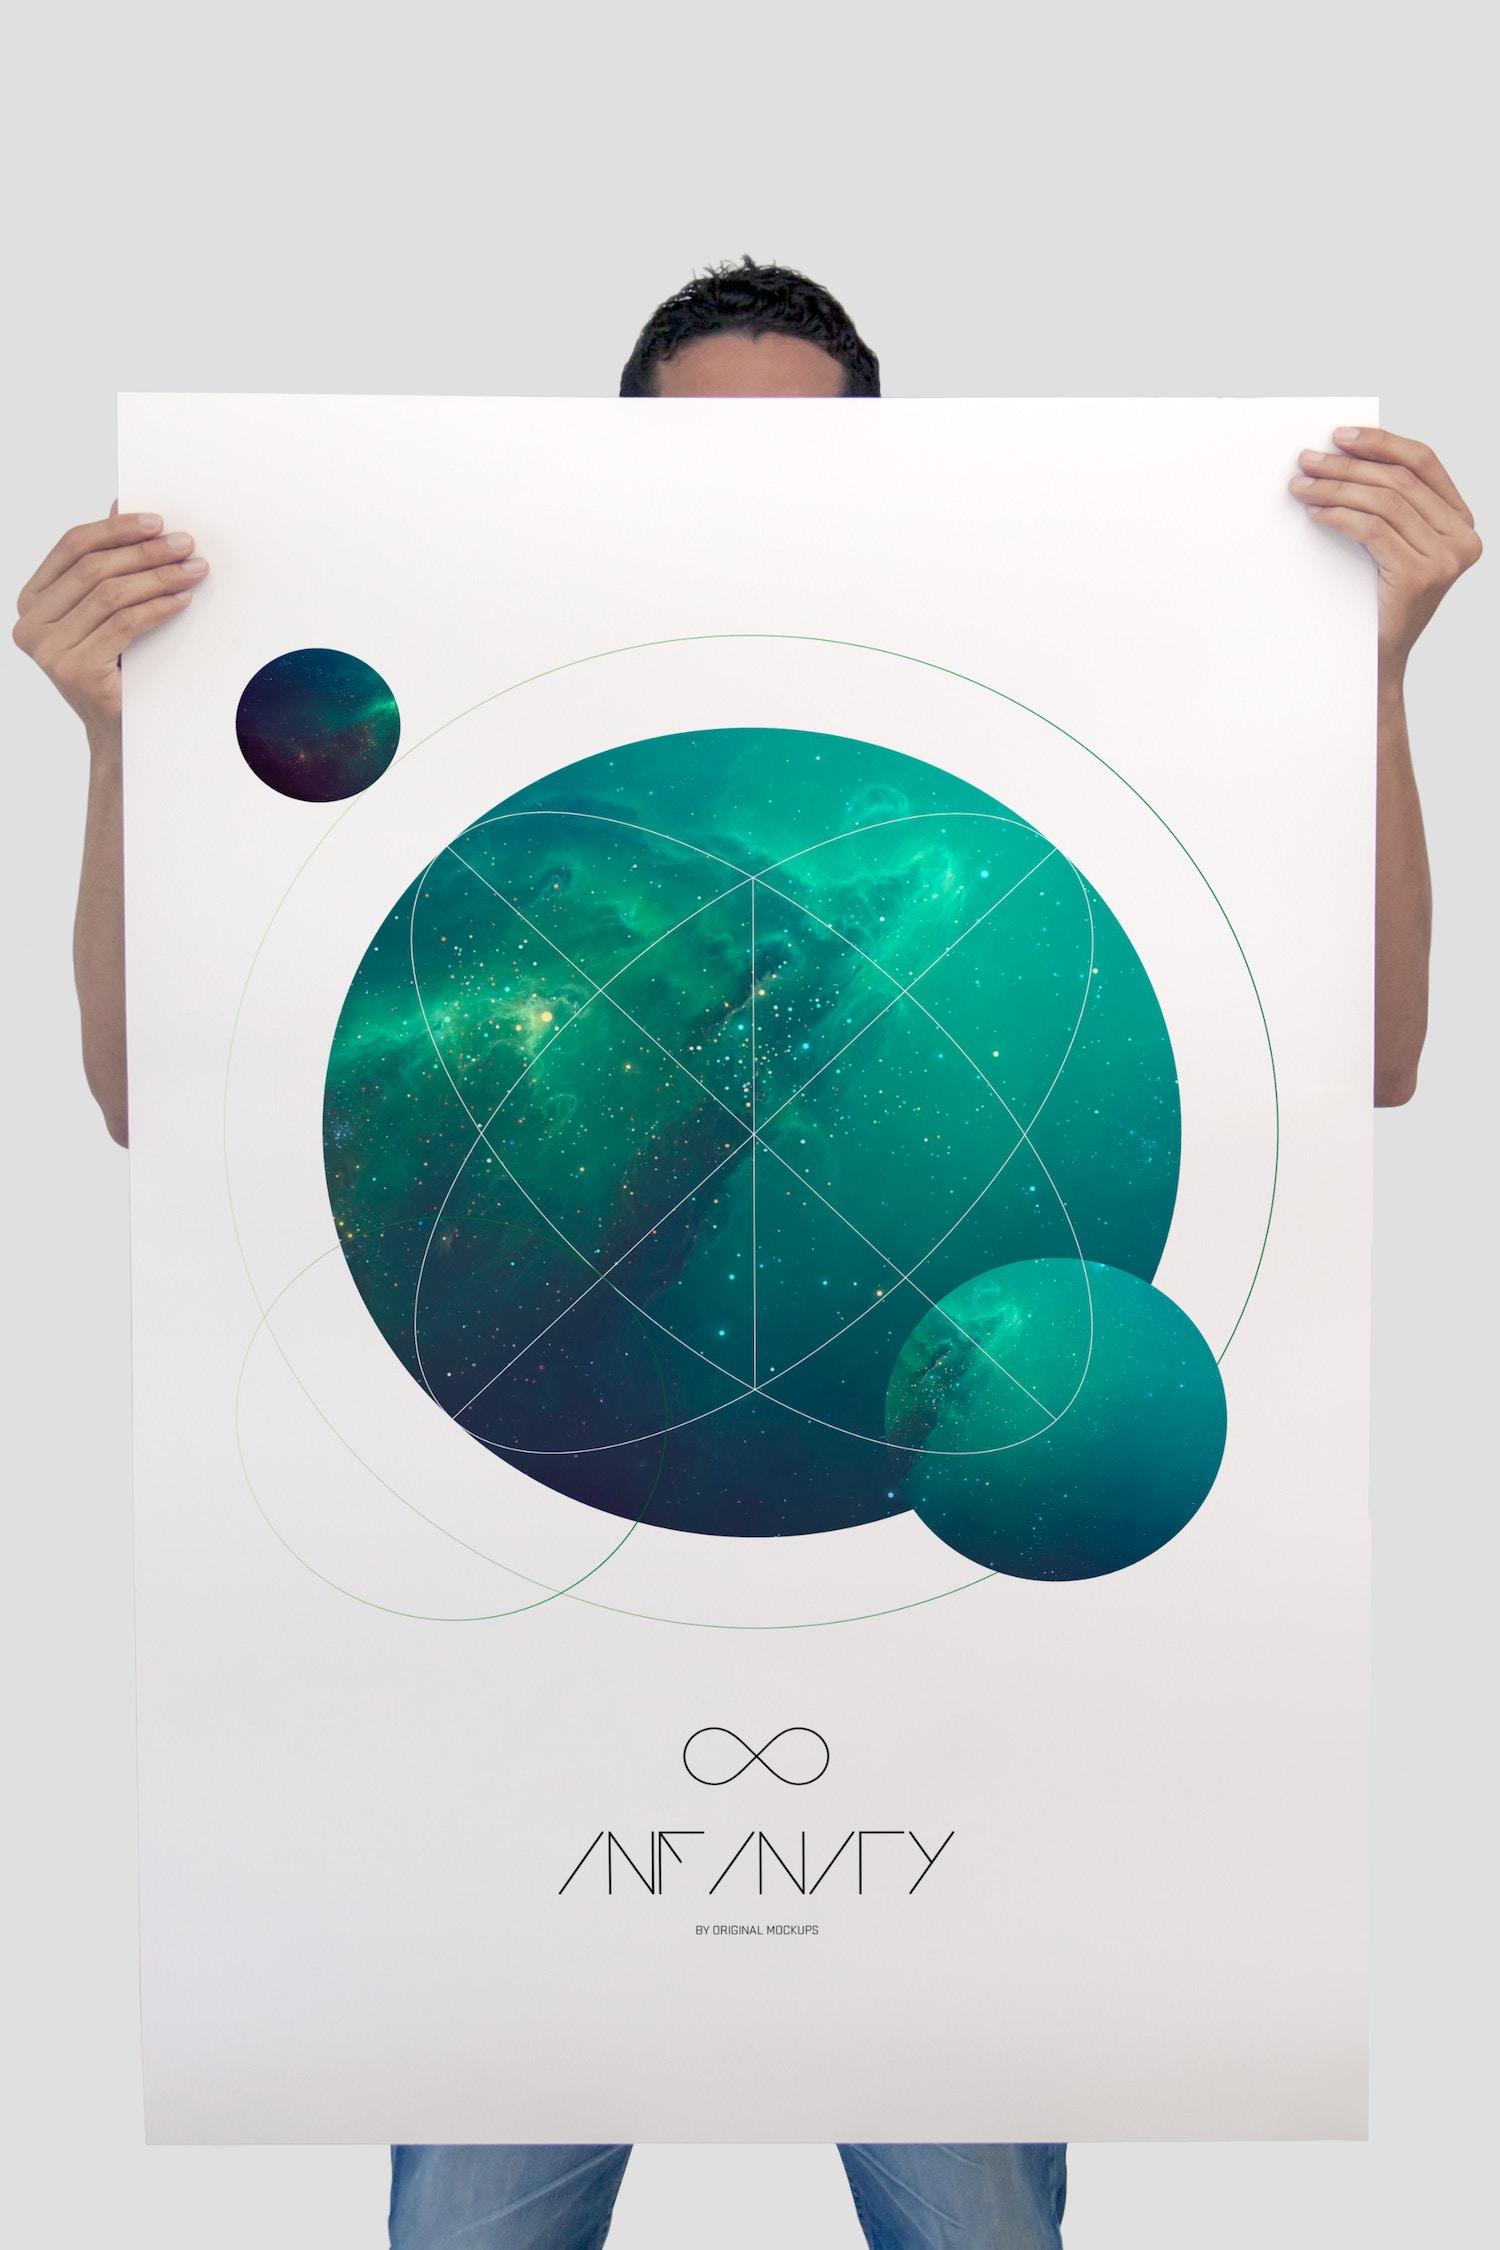 Poster Mockup 2 by Original Mockups on Original Mockups